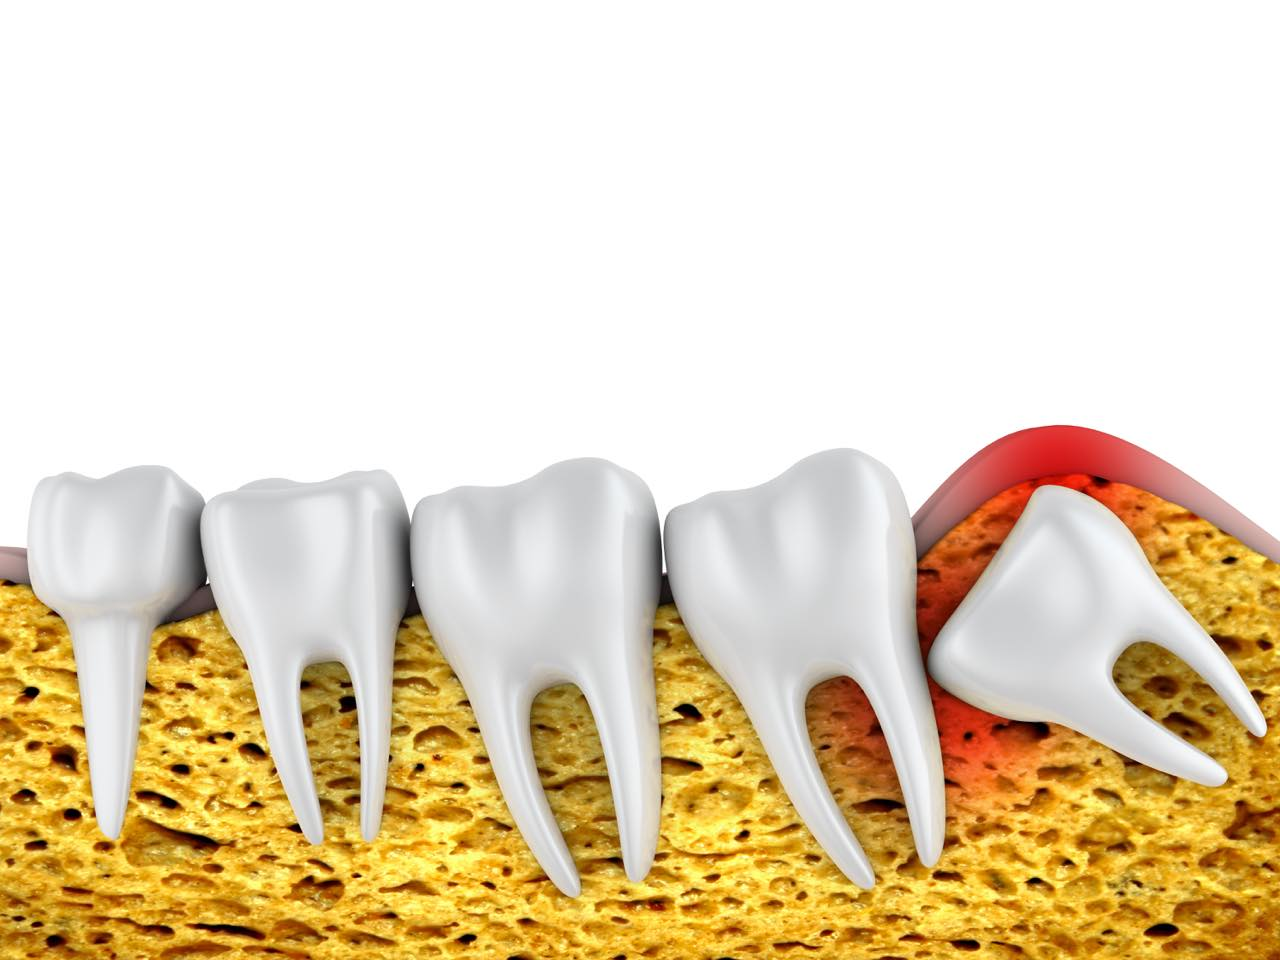 埋伏歯とは?歯が生えてこない原因・症状とその治療法も解説